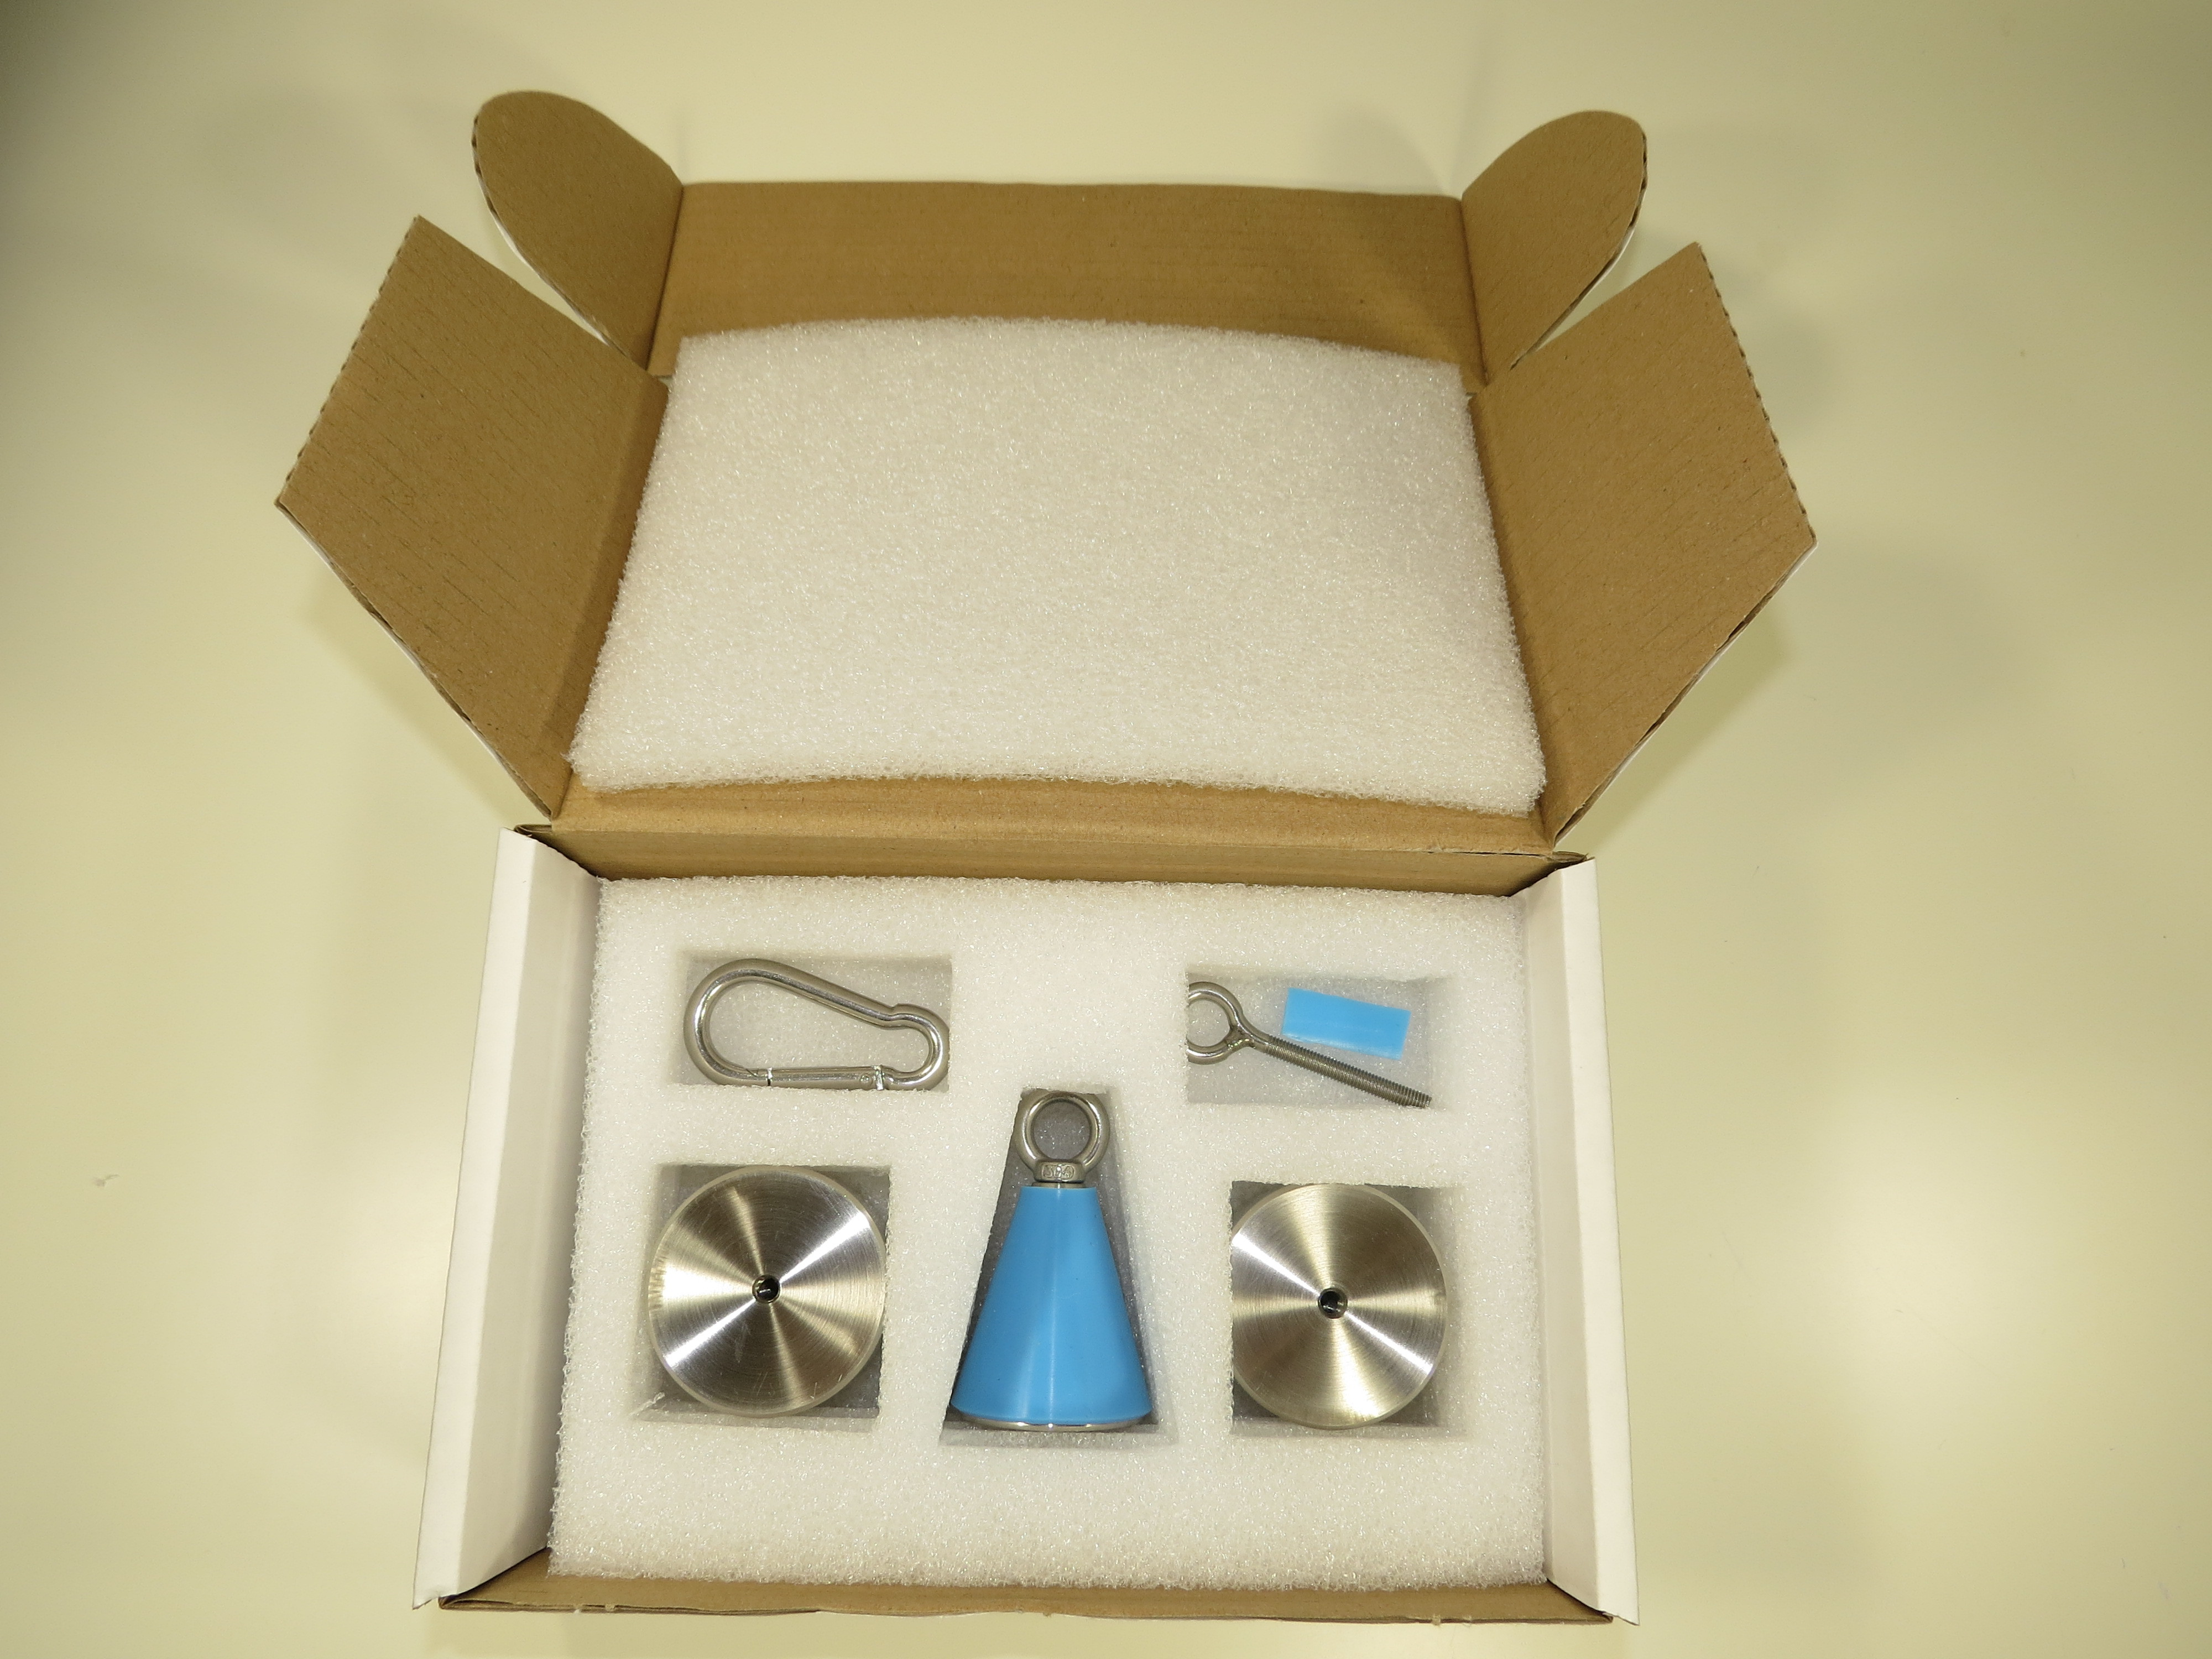 JelqToGain 4lb Hanger kit